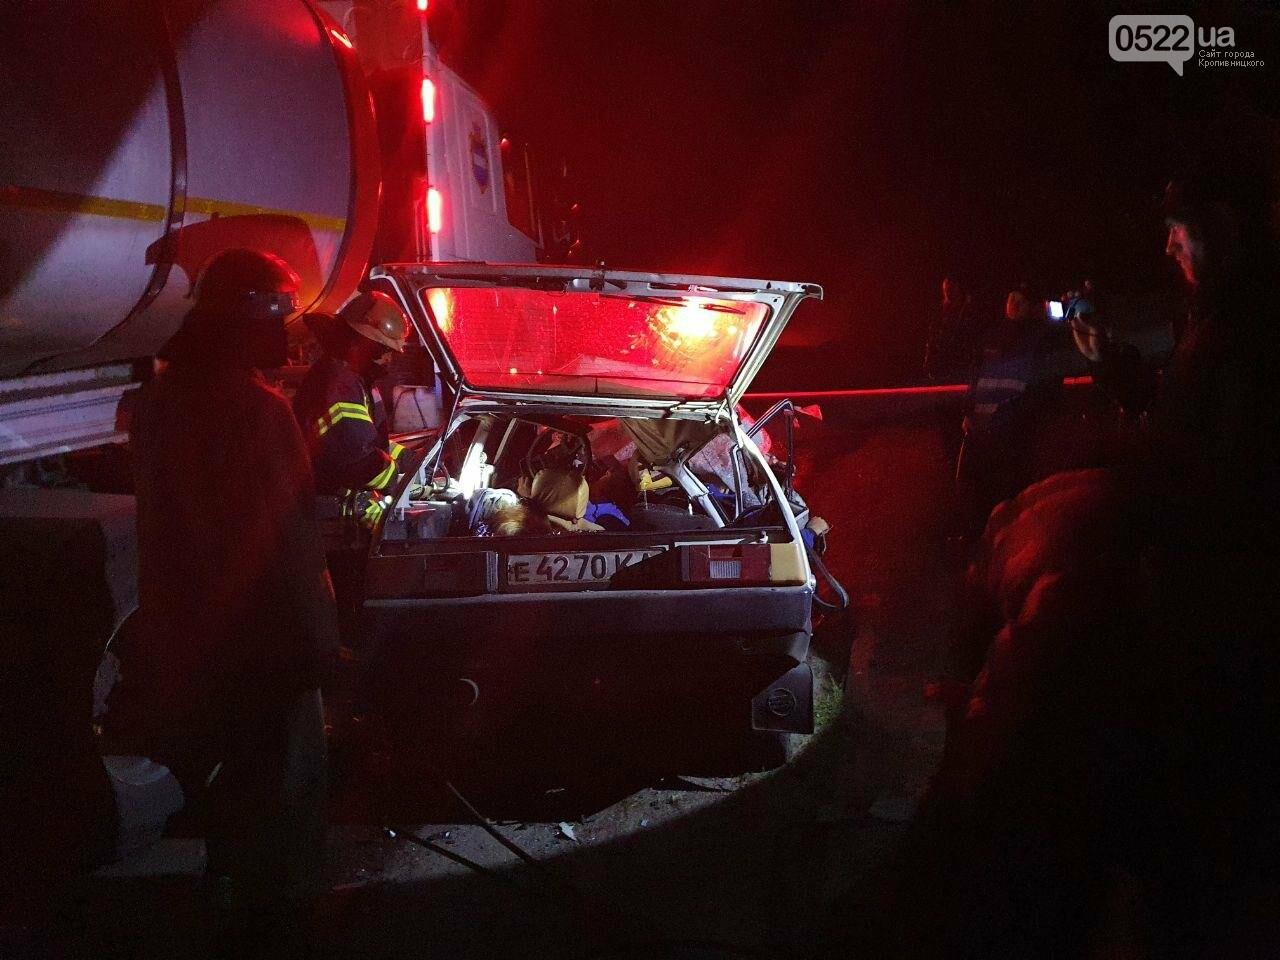 ДТП на Кіровоградщині: У результаті зіткнення вантажівки та легковика загинули 4 людини, фото-3